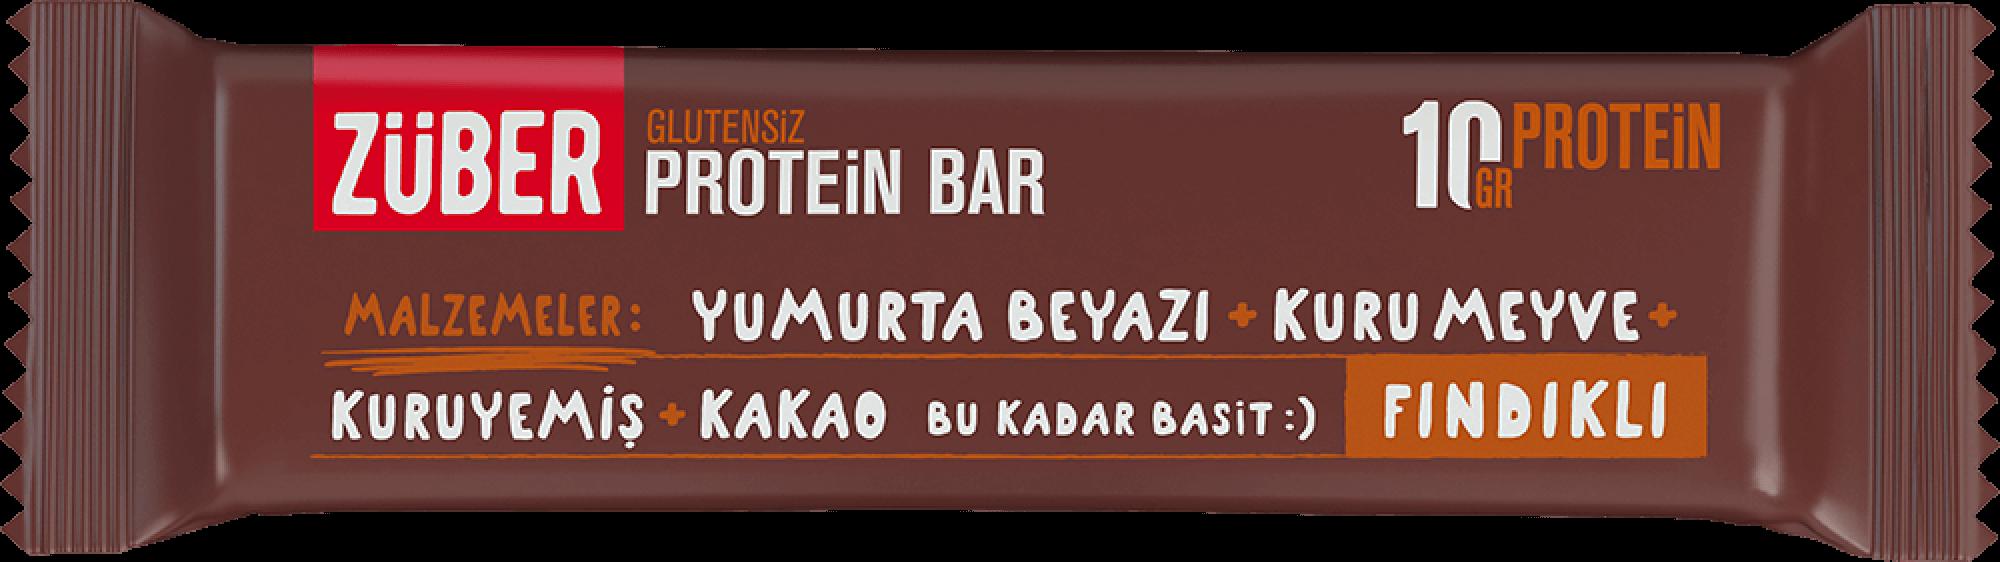 Fındıklı Protein Bar